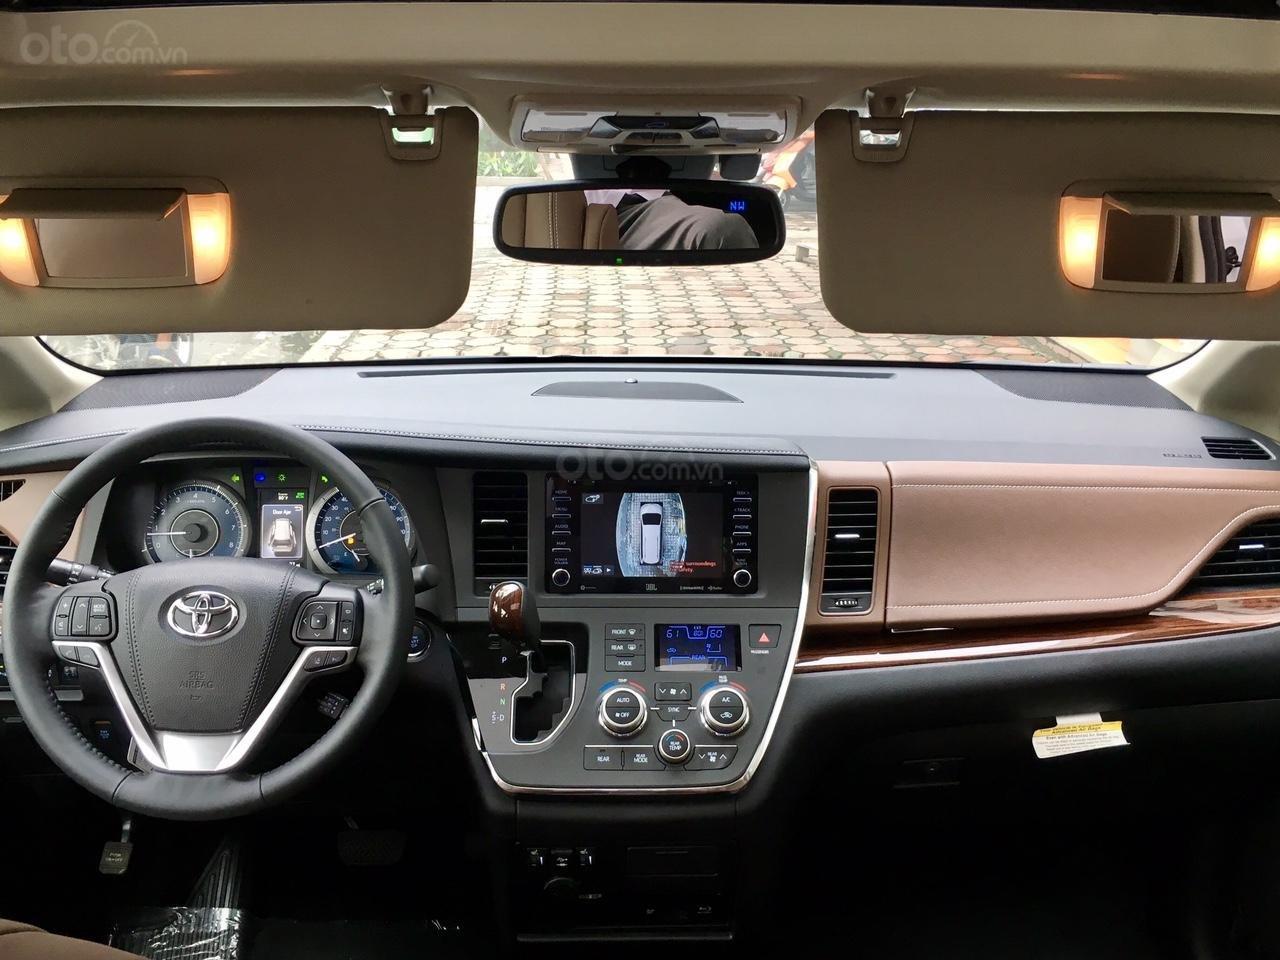 Bán Toyota Sienna Limited 1 cầu 2019, giá tốt, xe giao ngay trong ngày, LH Ms Hương 094.539.2468 (10)